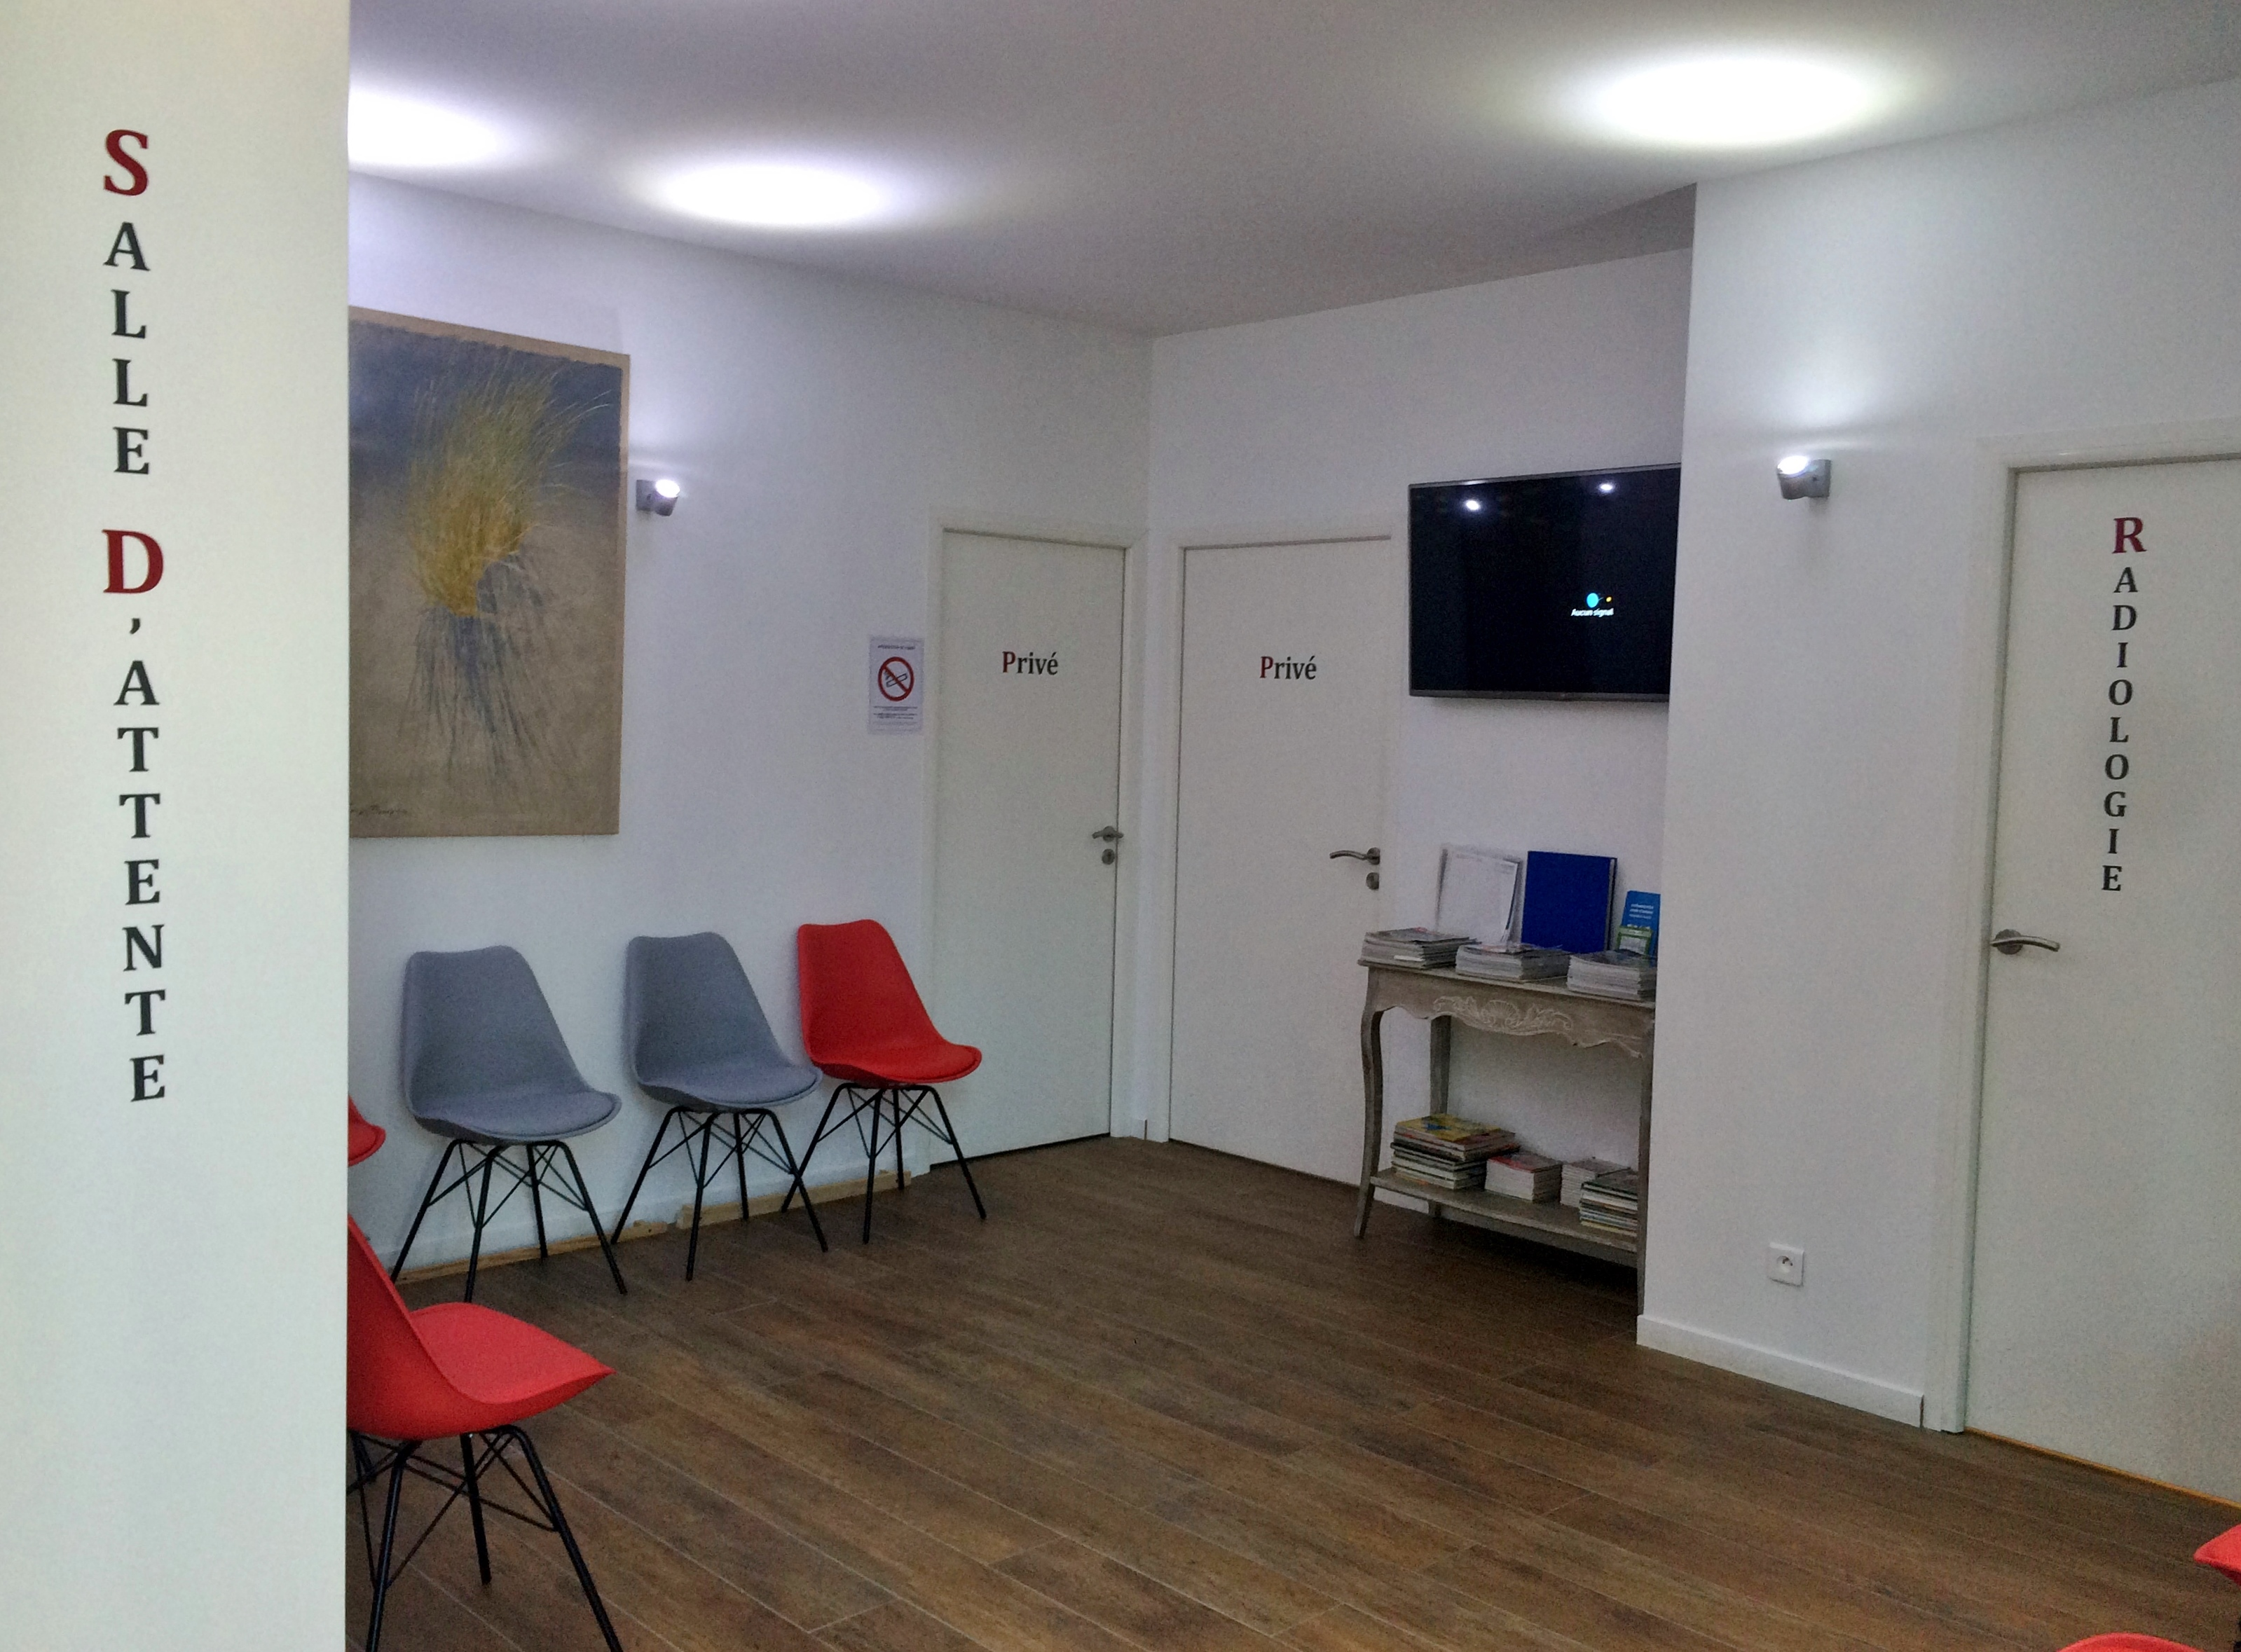 La salle d'attente du Dr Pierson du cabinet orthodontie à Meudon